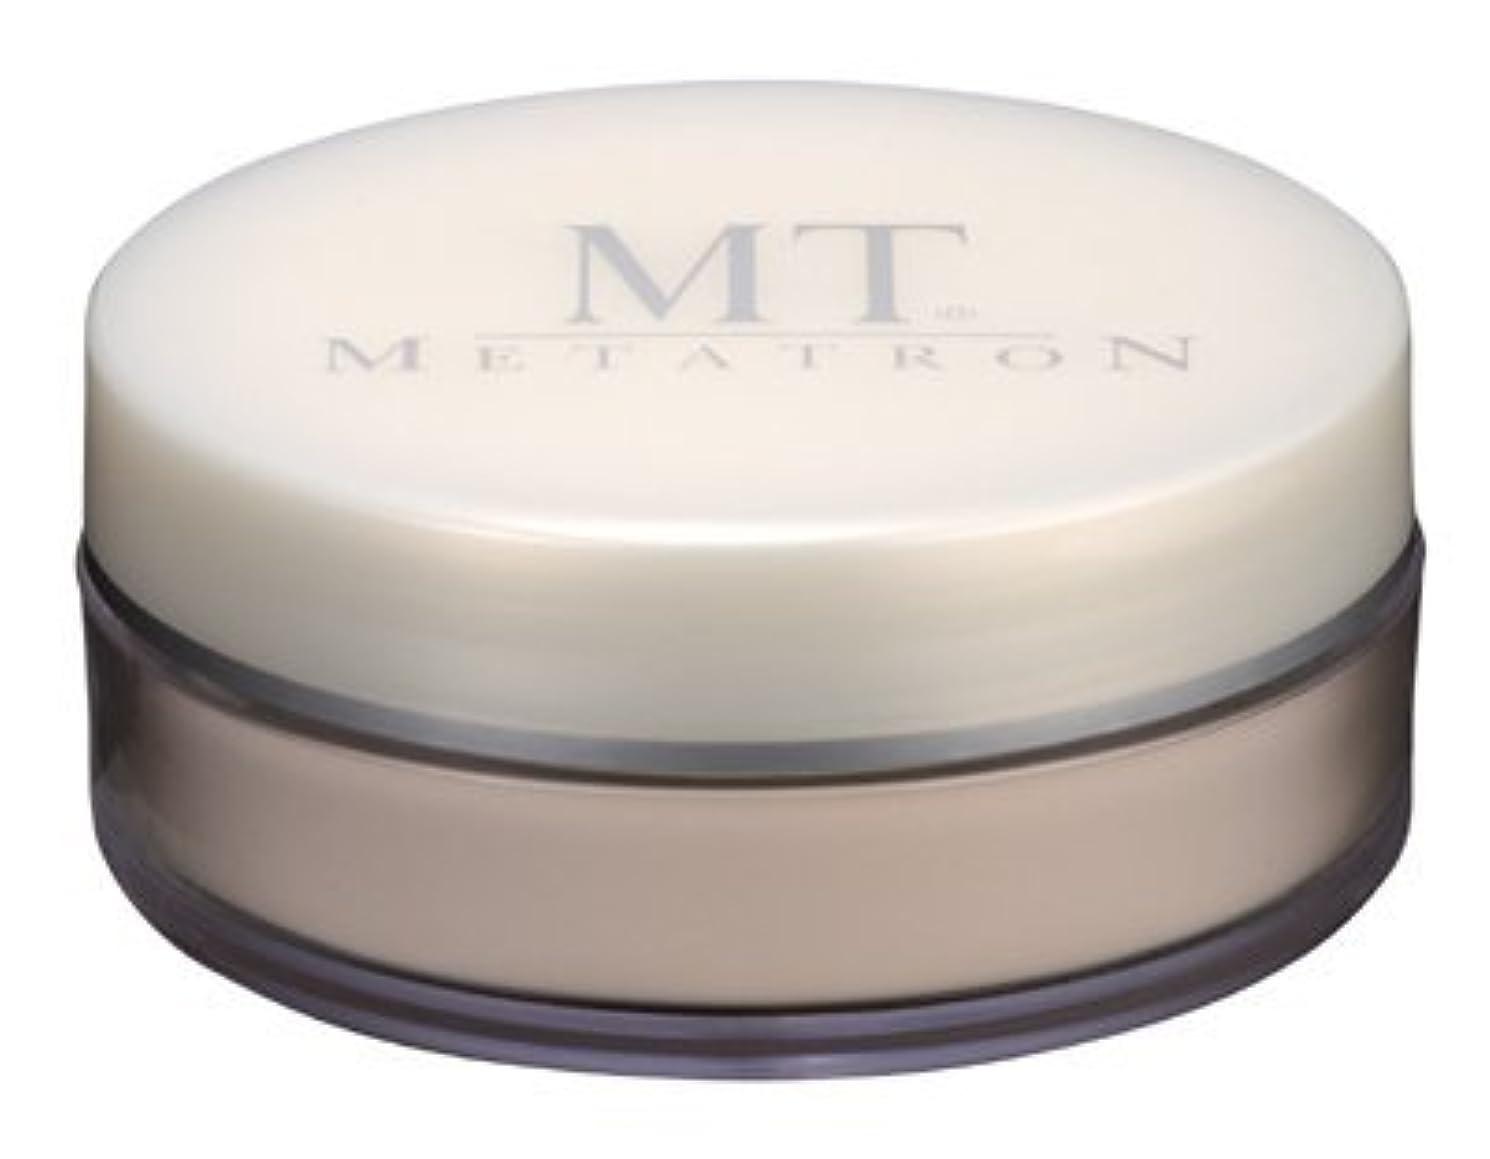 MTメタトロン MTプロテクトUVルースパウダー 20g 【ピンク】